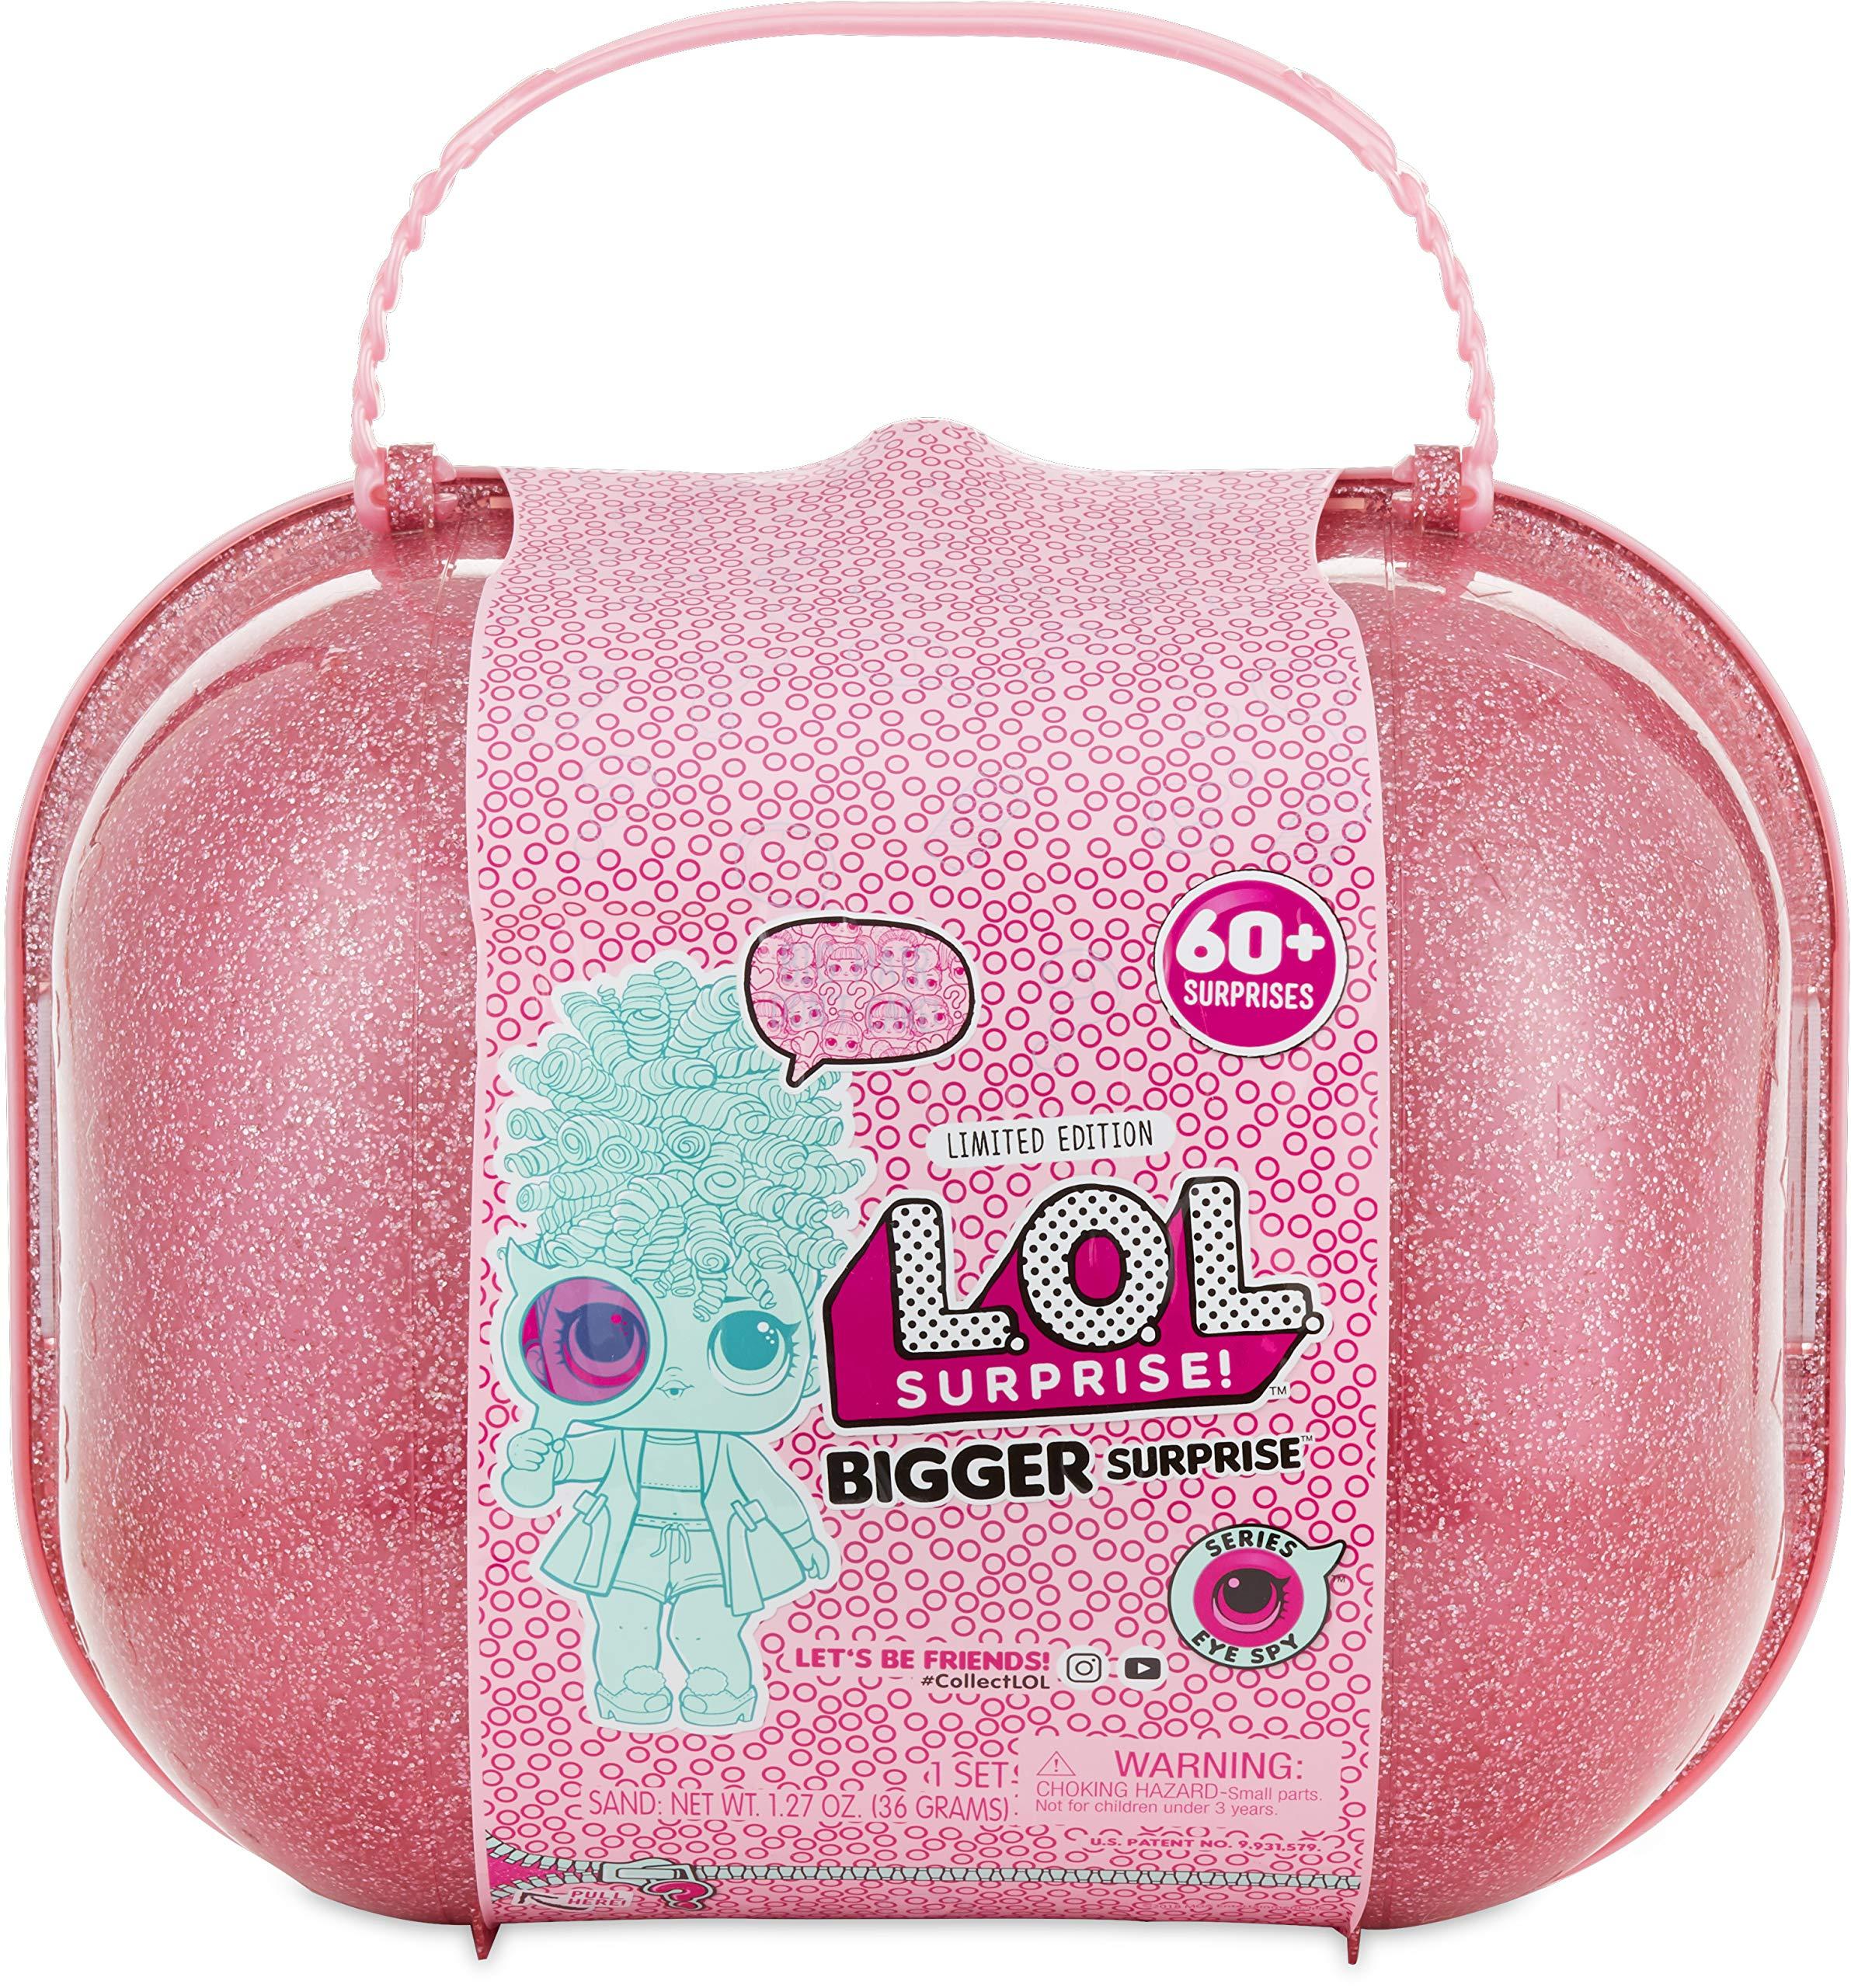 L.O.L. Surprise Bigger Surprise with 60+ Surprises